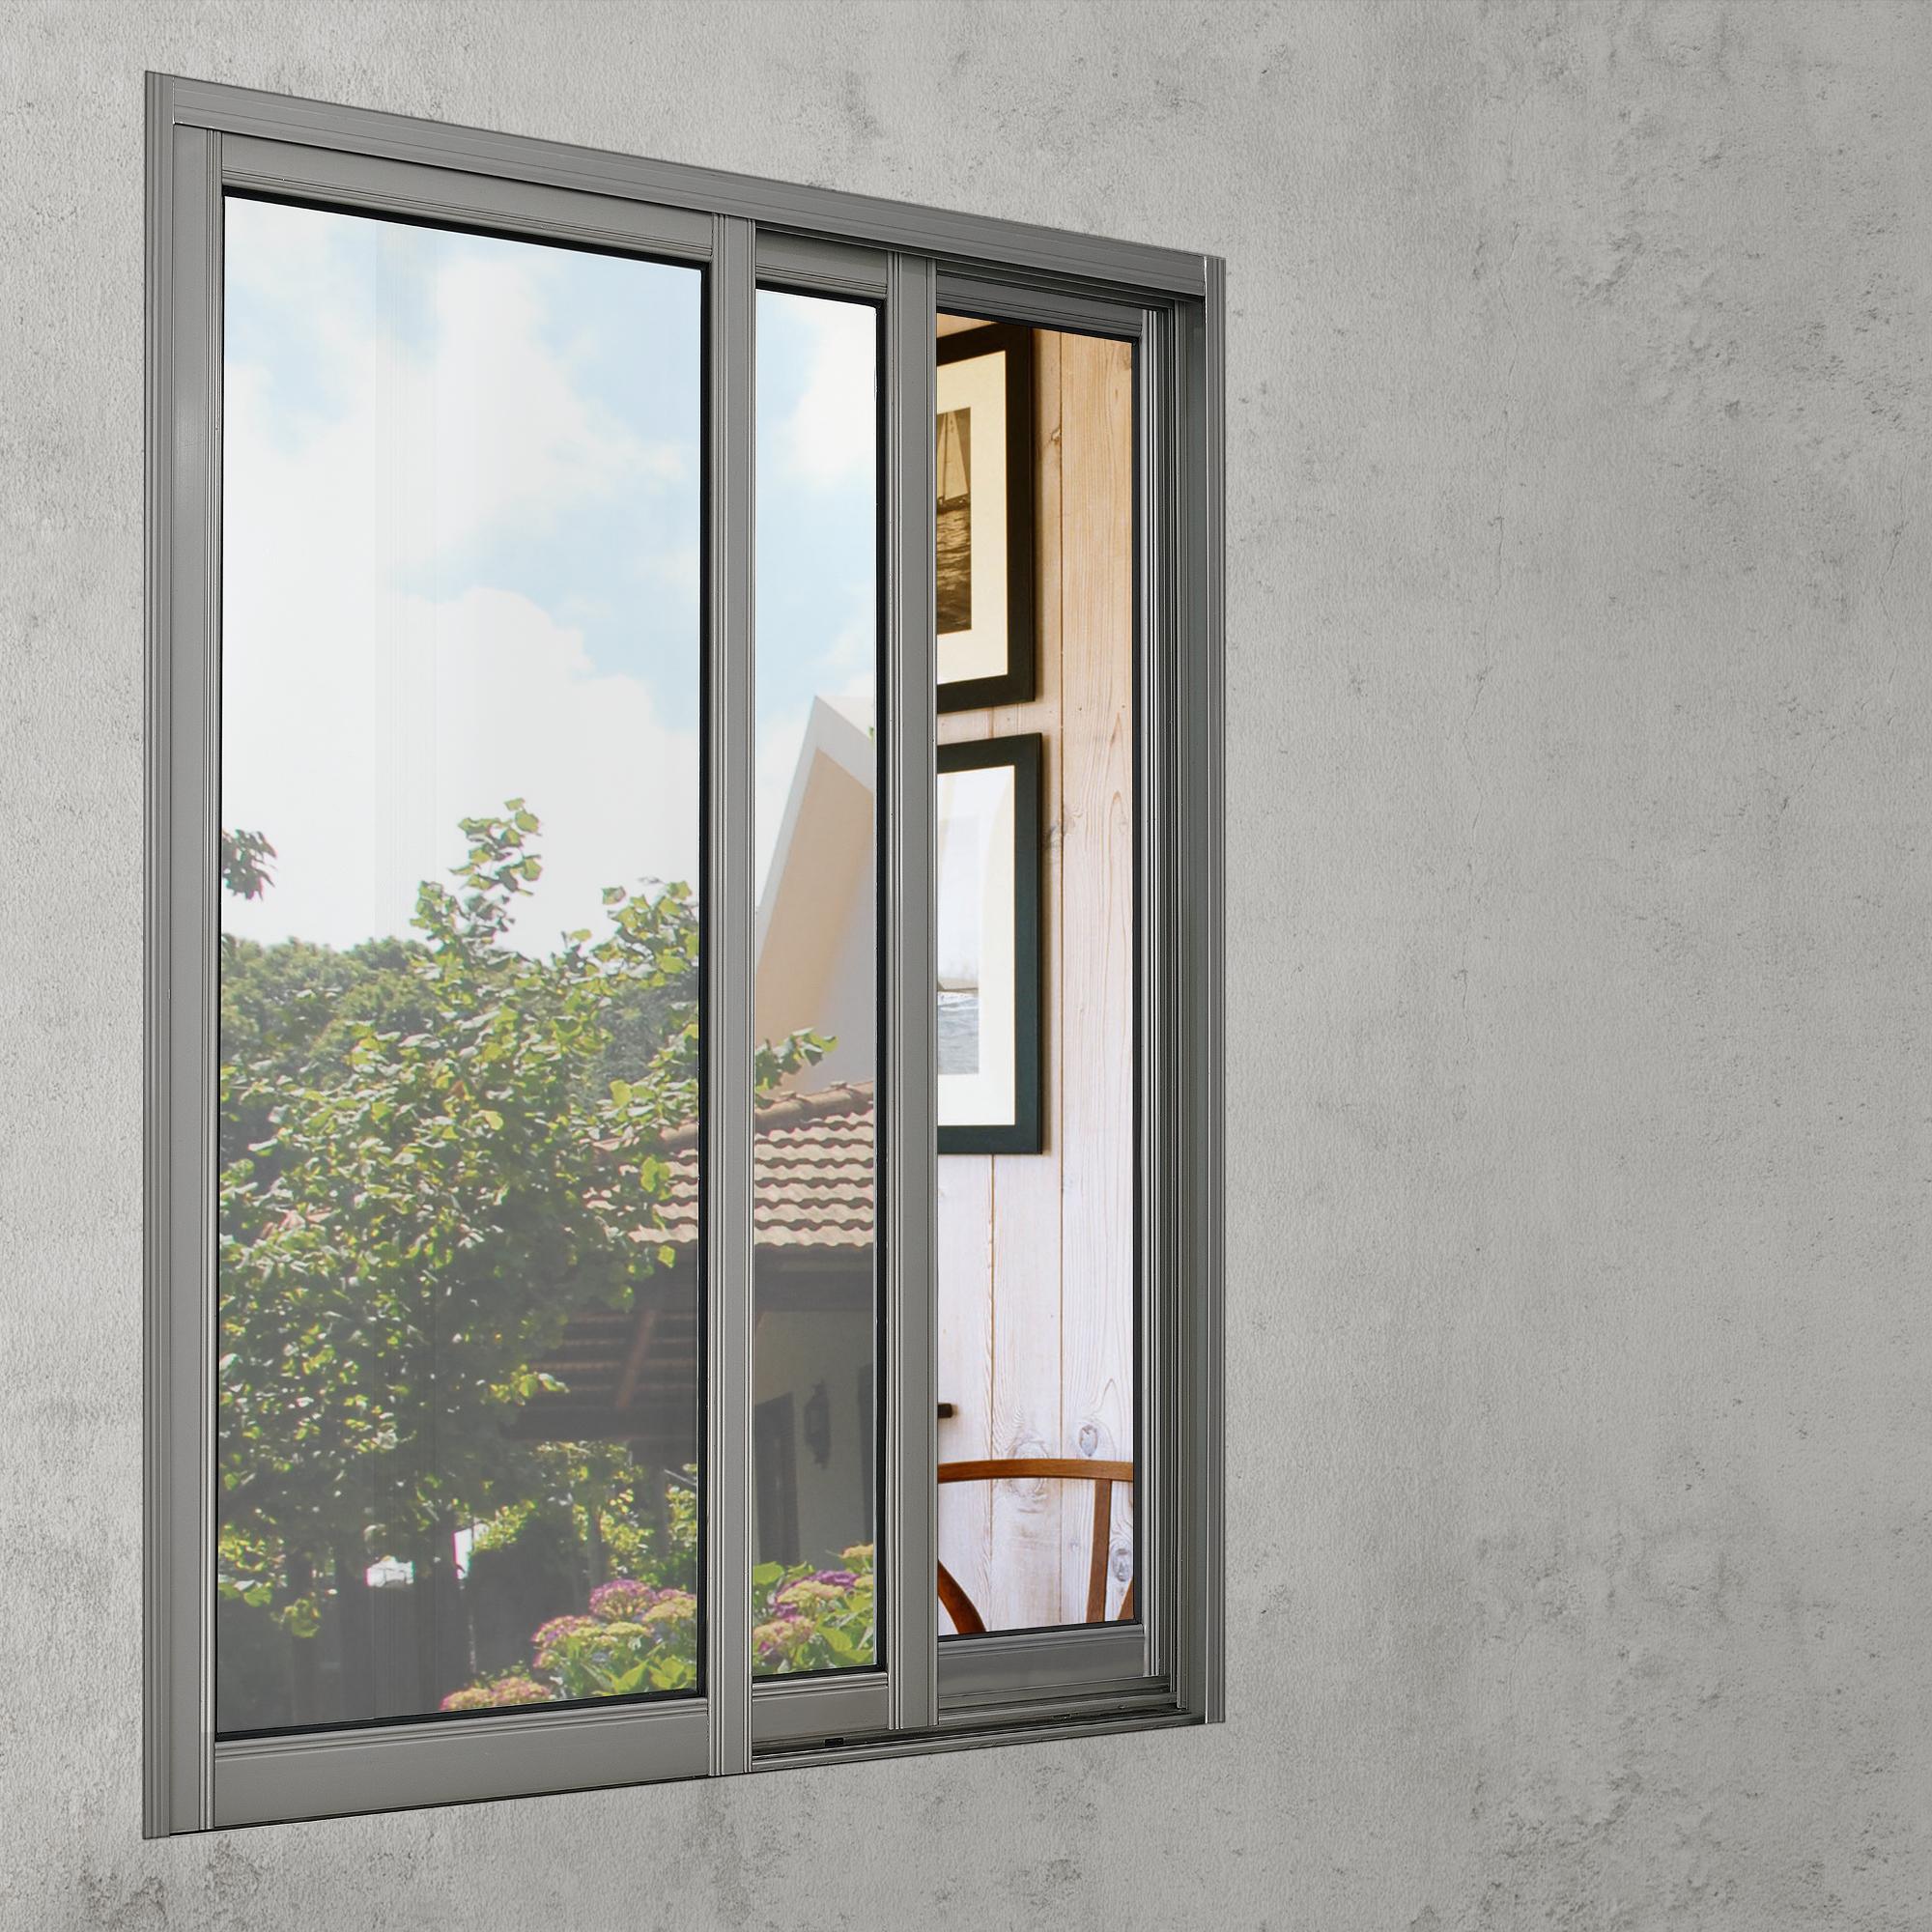 Feuille de protection vue 100x10 m film miroir for Film protecteur fenetre